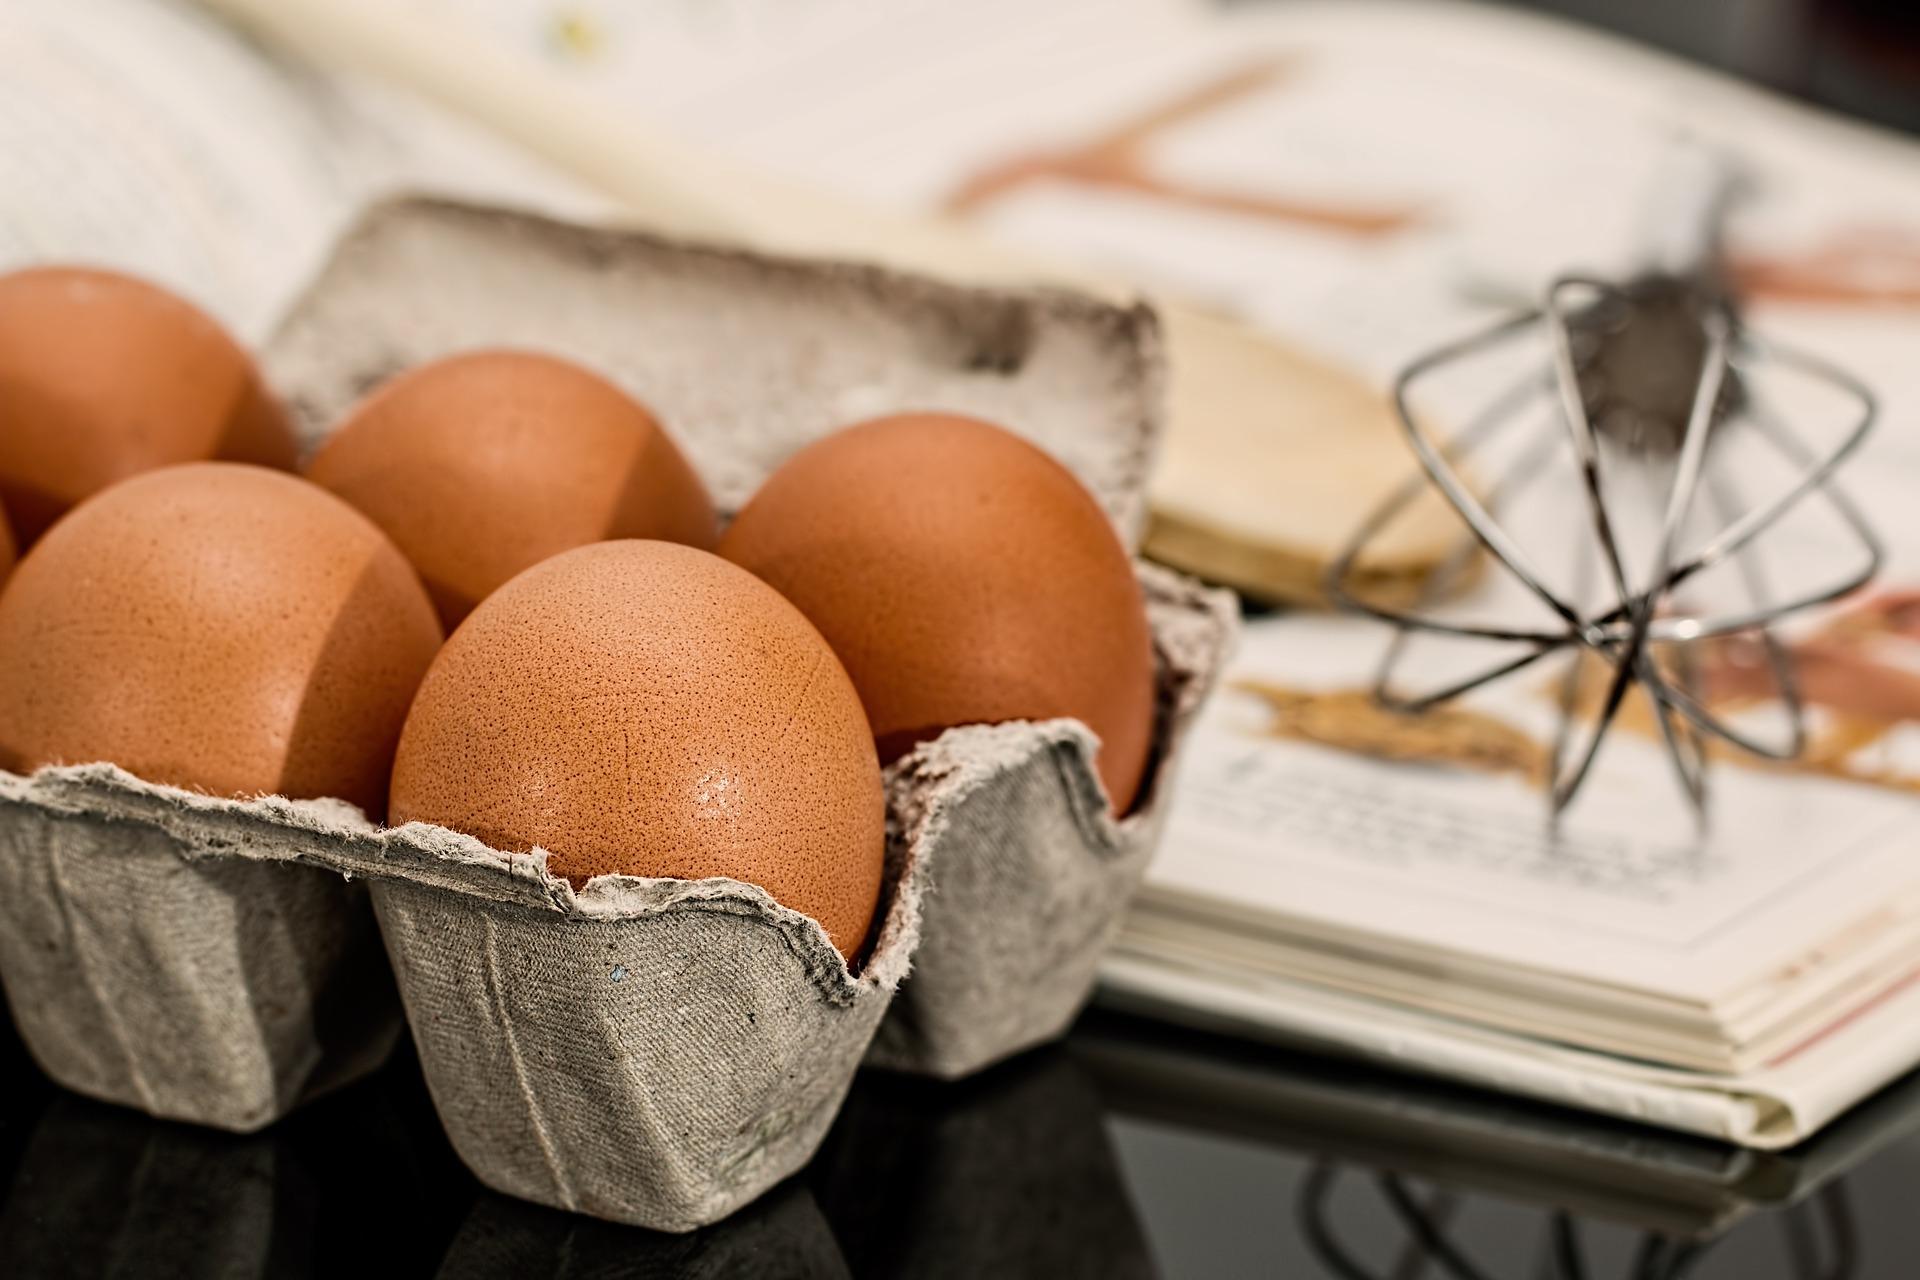 chiafrön istället för ägg